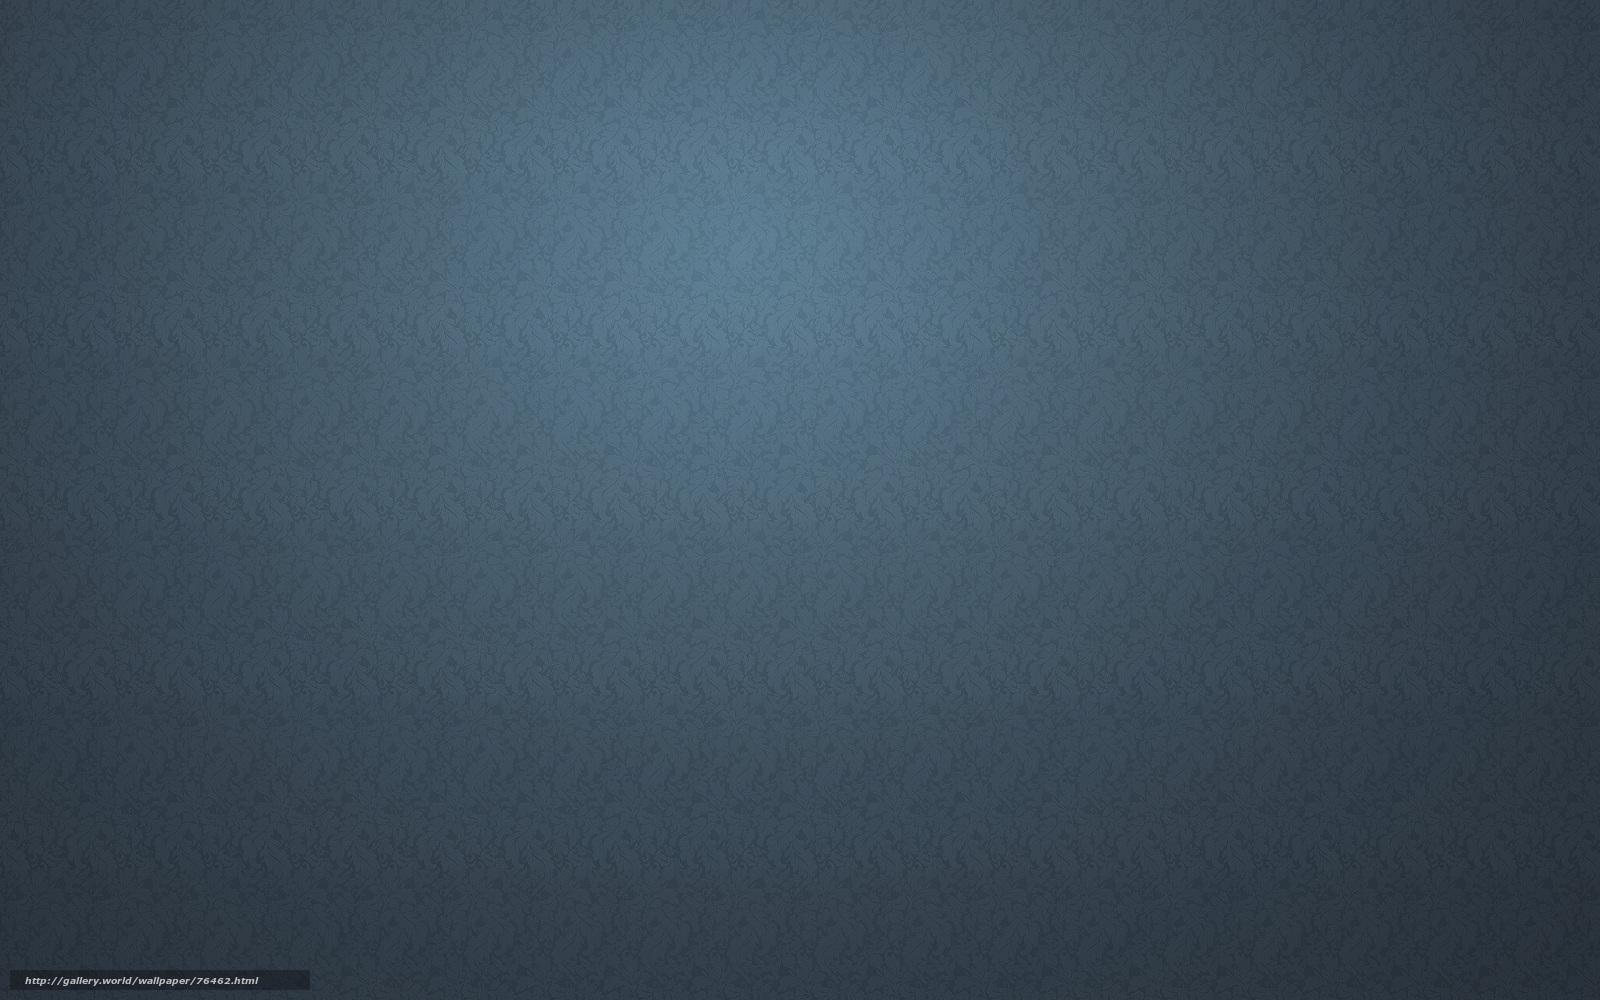 Tlcharger Fond D'ecran Texture, Gris, Bleu, Modle Fonds D